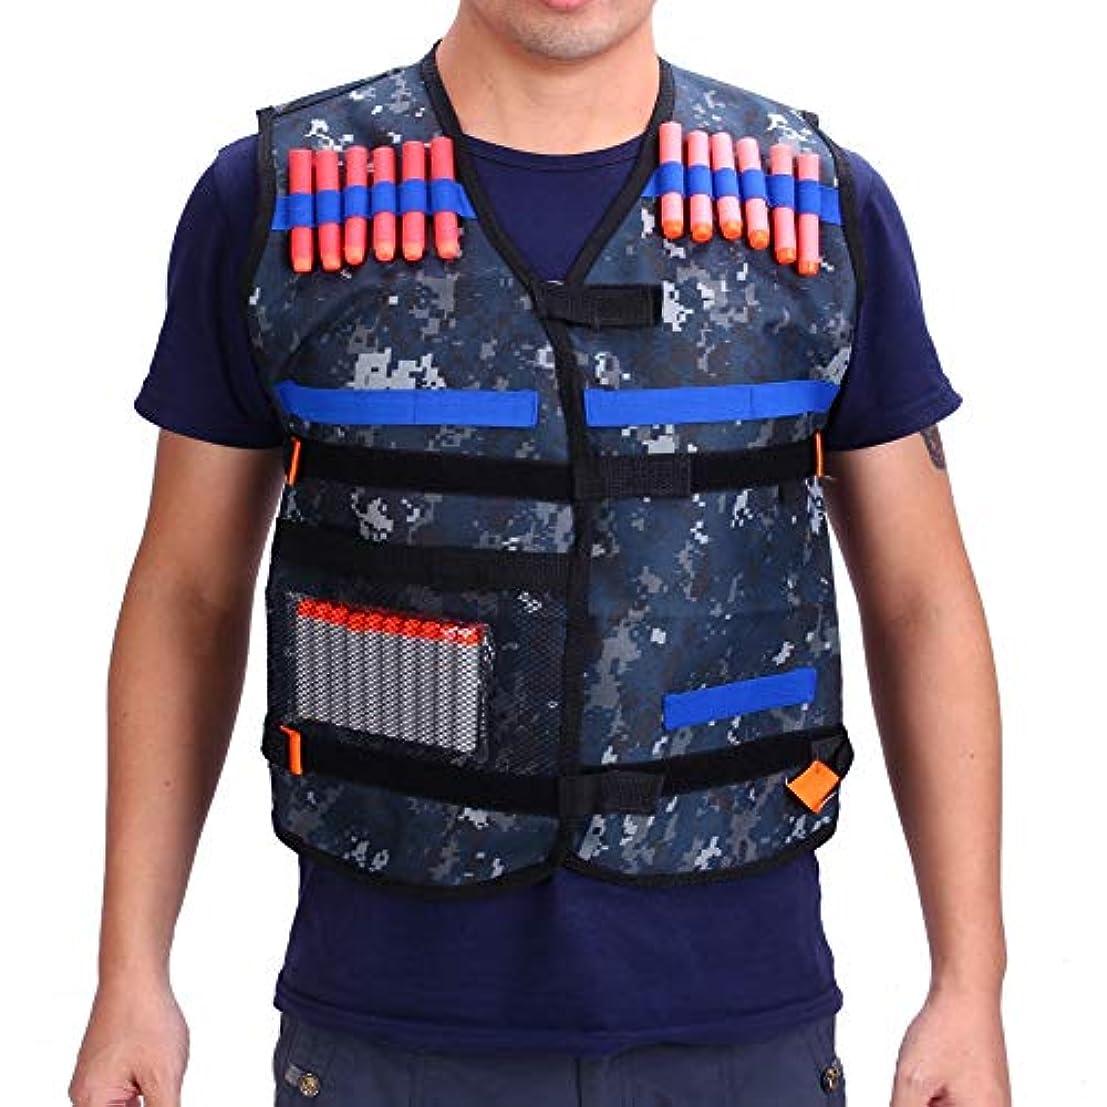 ポータル脚本マージZerone タクティカルベストジャケット タクティカルダーツクリップホルダー 防水 野外 超軽量 通気性 コンバットトレーニングベスト 大人用